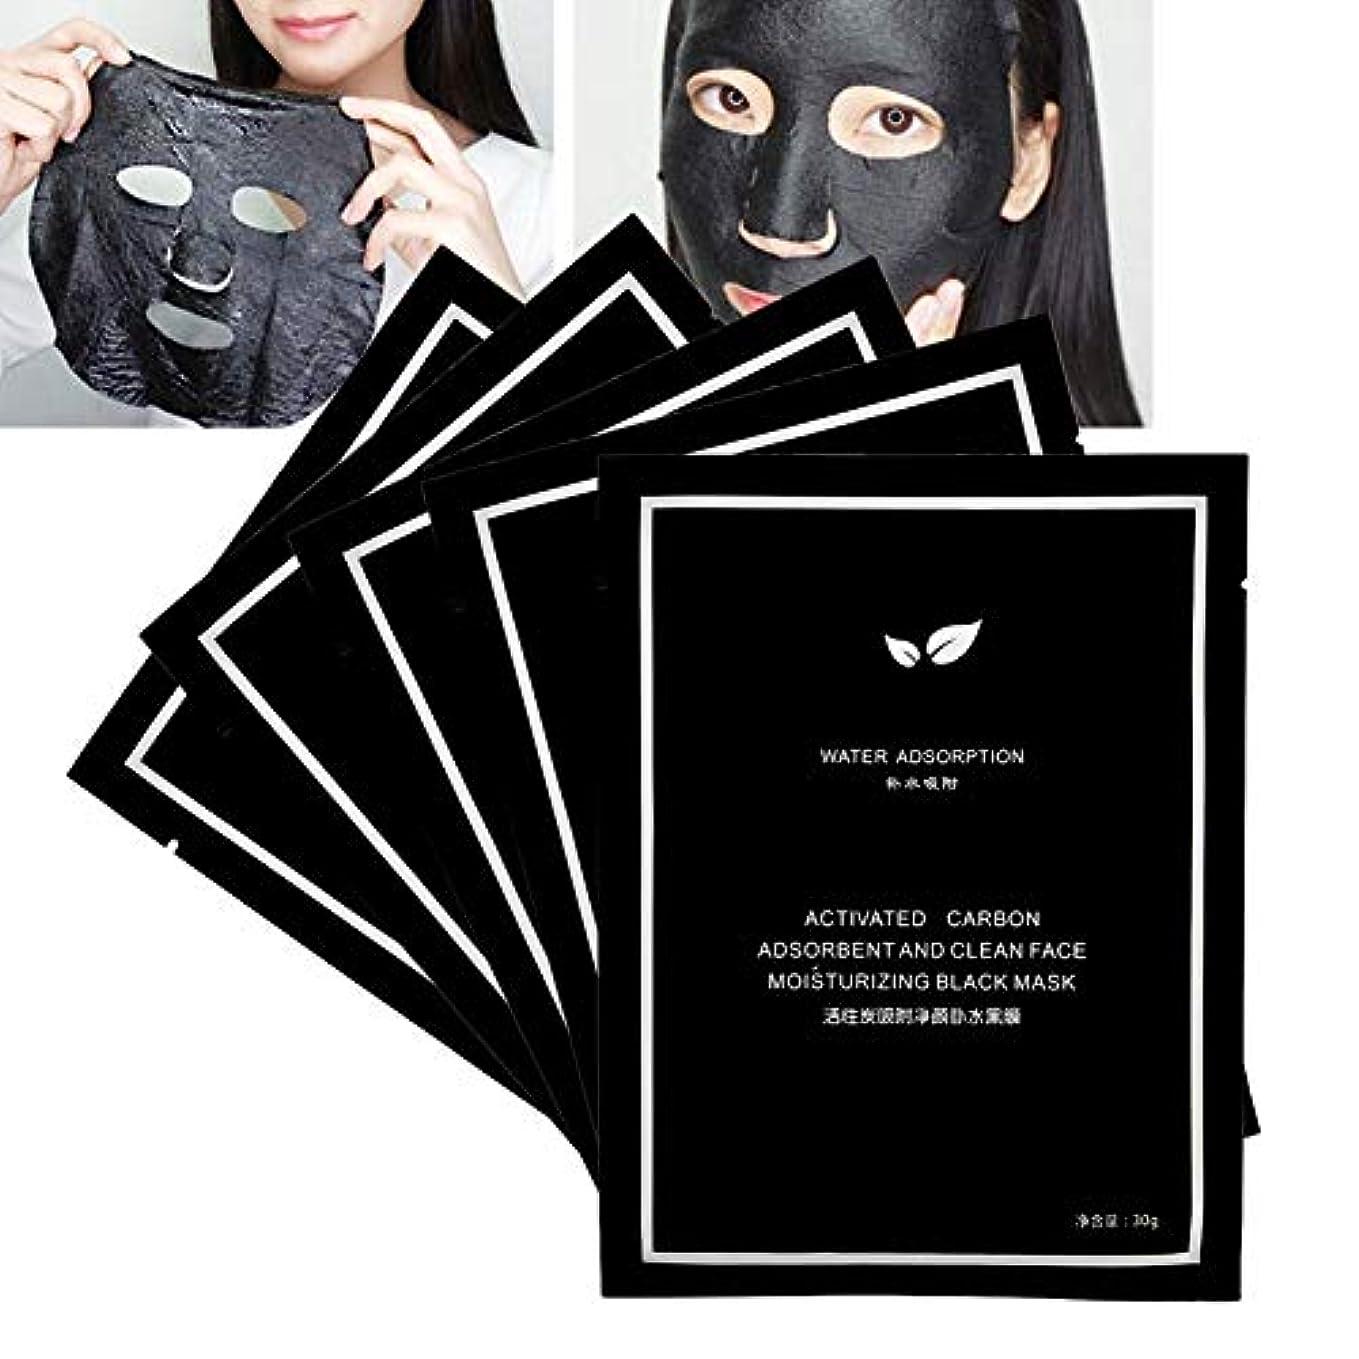 5枚セット 活性炭マスク 保湿 フェイスブラックマスク オイルコントロールブラックヘッドの除去汚れ除去スキンケア